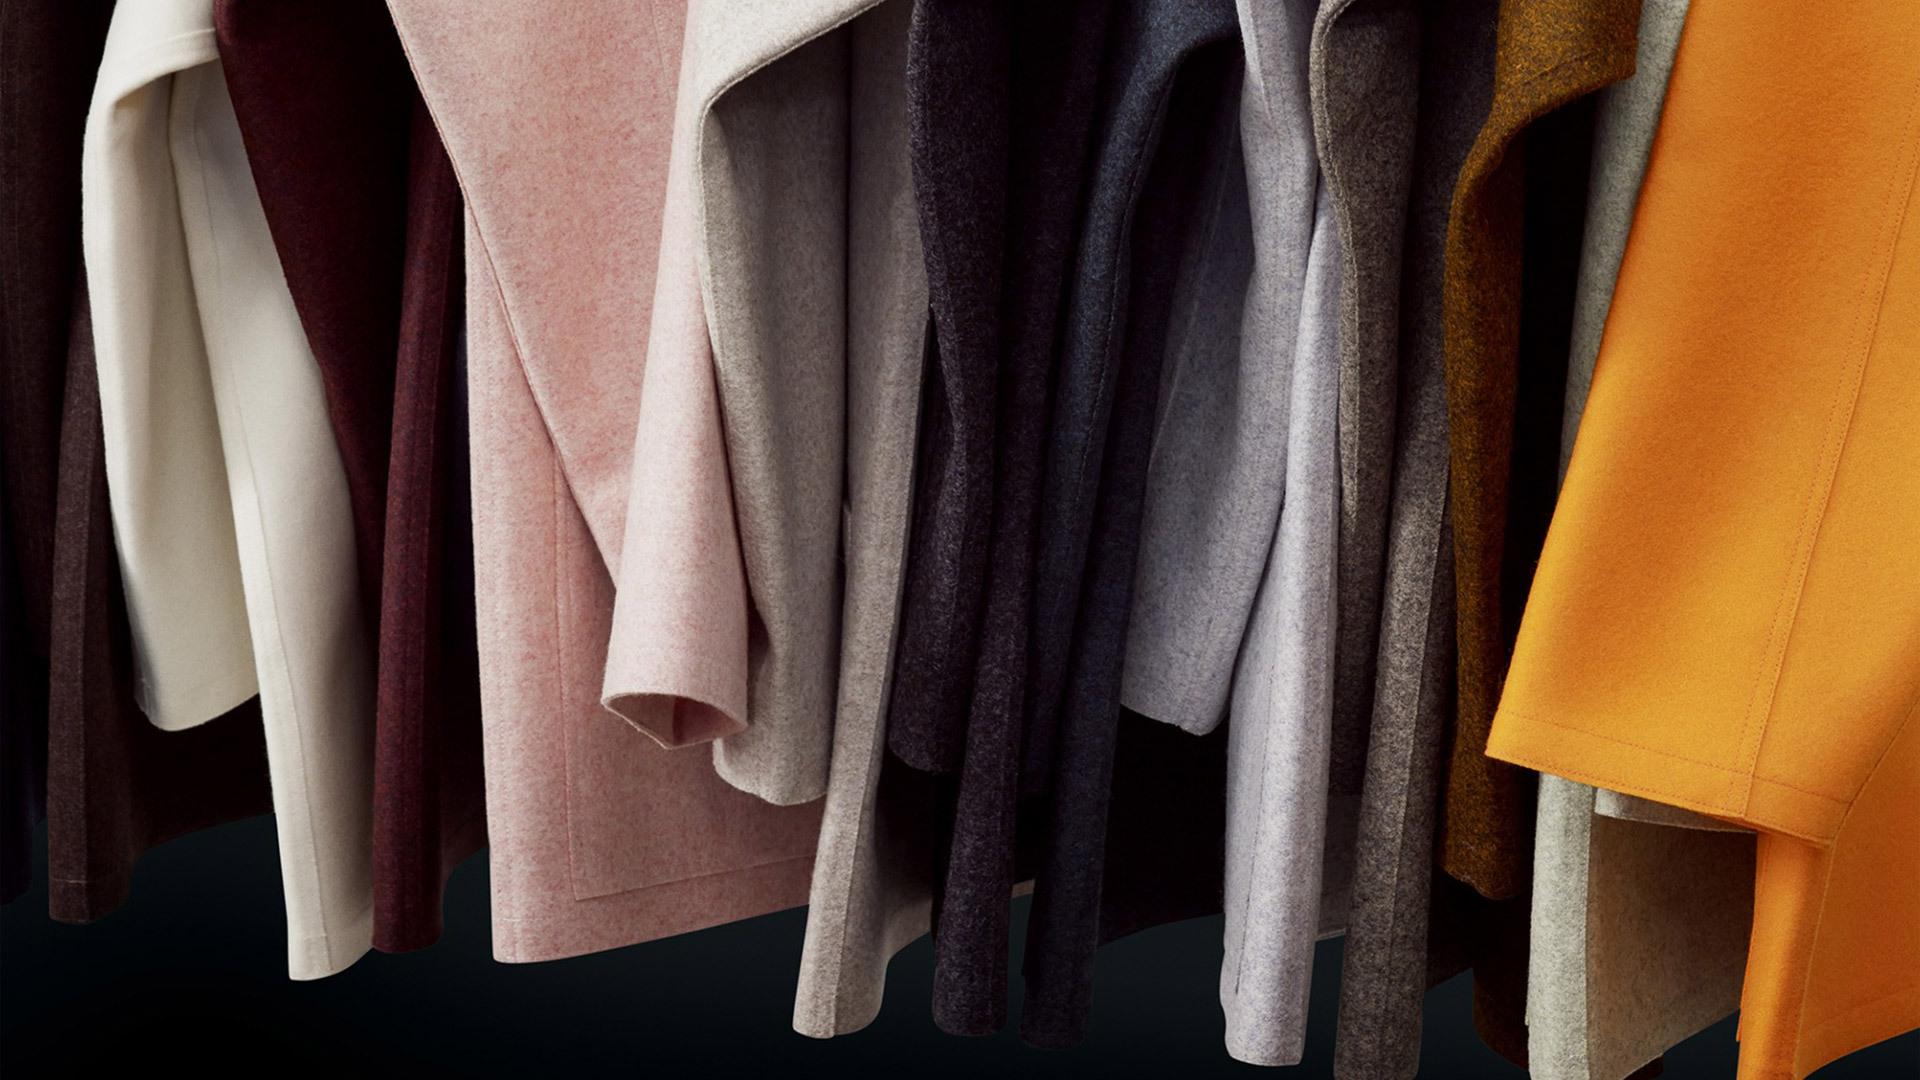 斯堪的纳维亚设计传统,全球顶级品牌之选